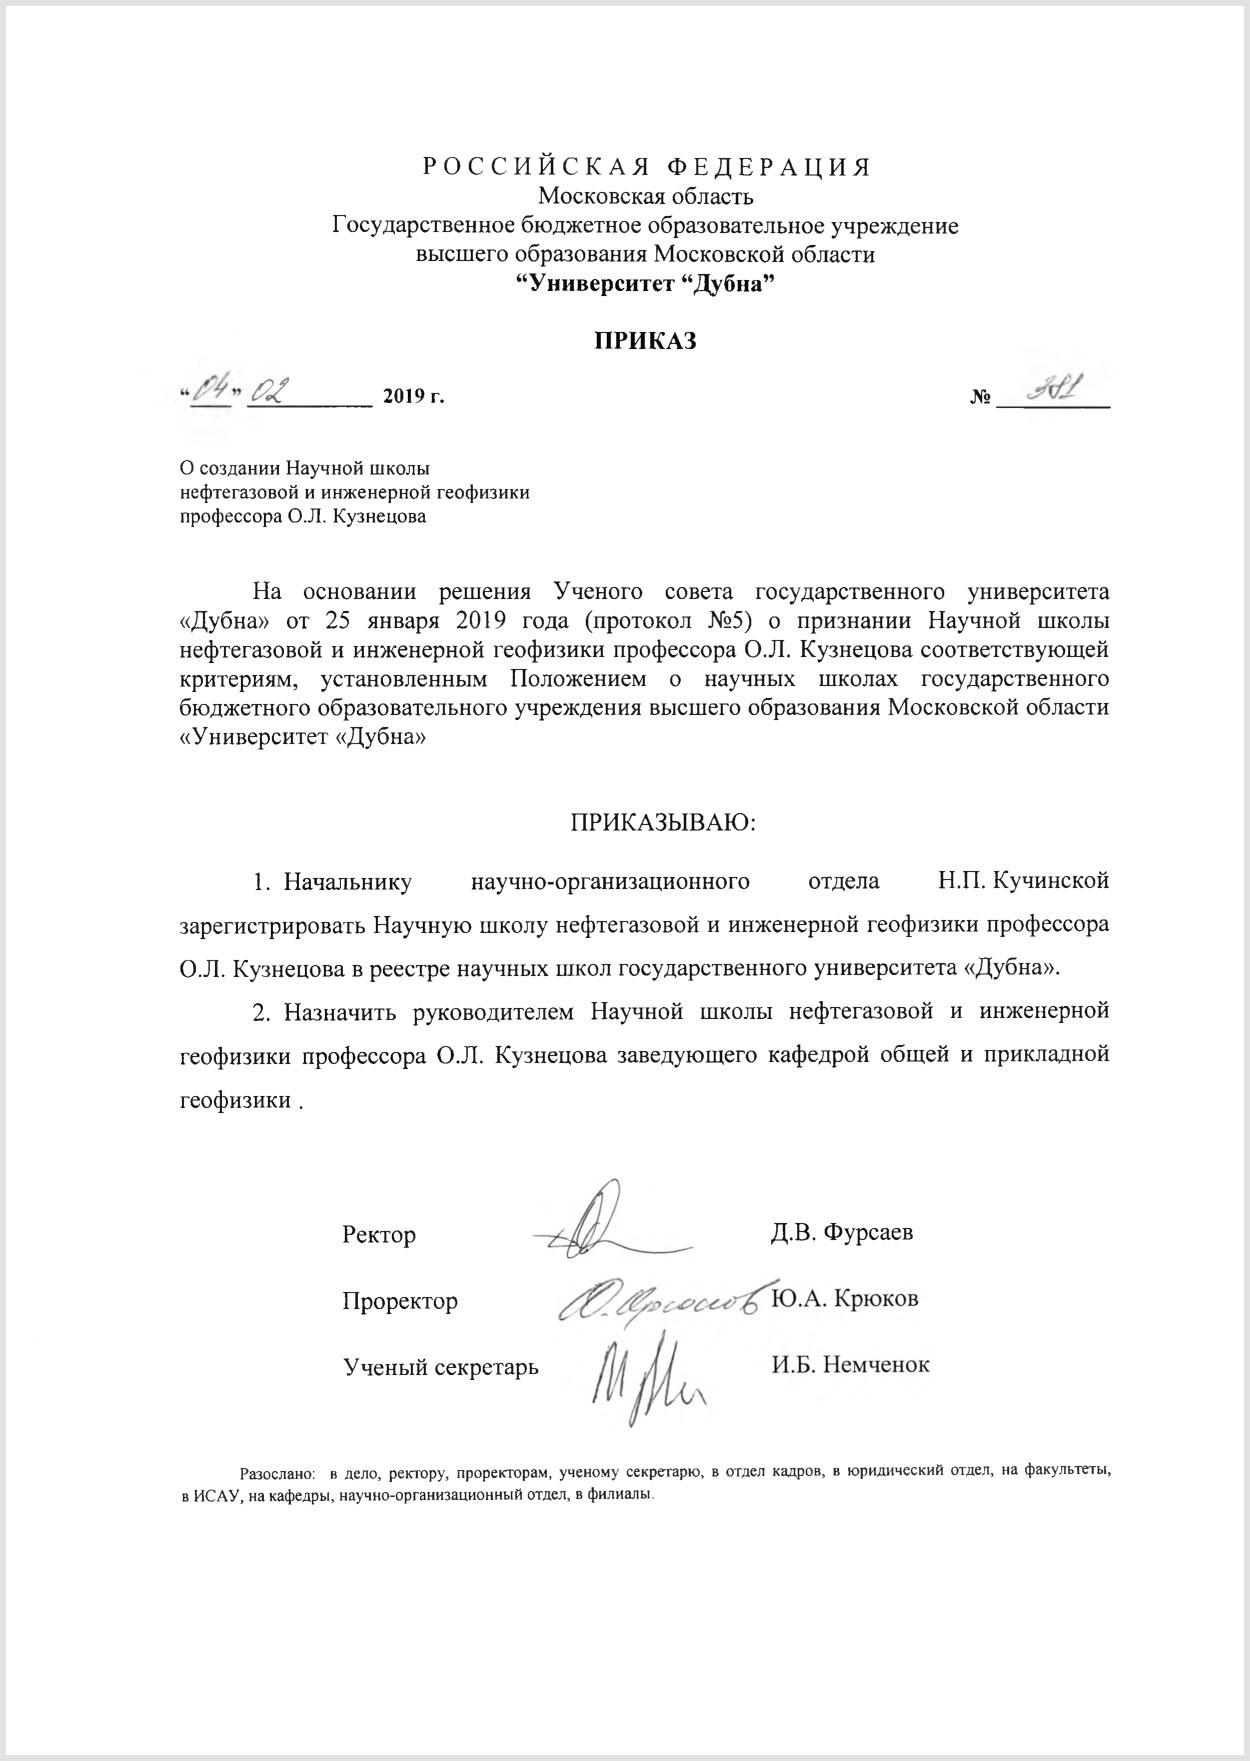 Приказ о регистрации Научной школы нефтегазовой и инженерной геофизики профессора Кузнецова О.Л.